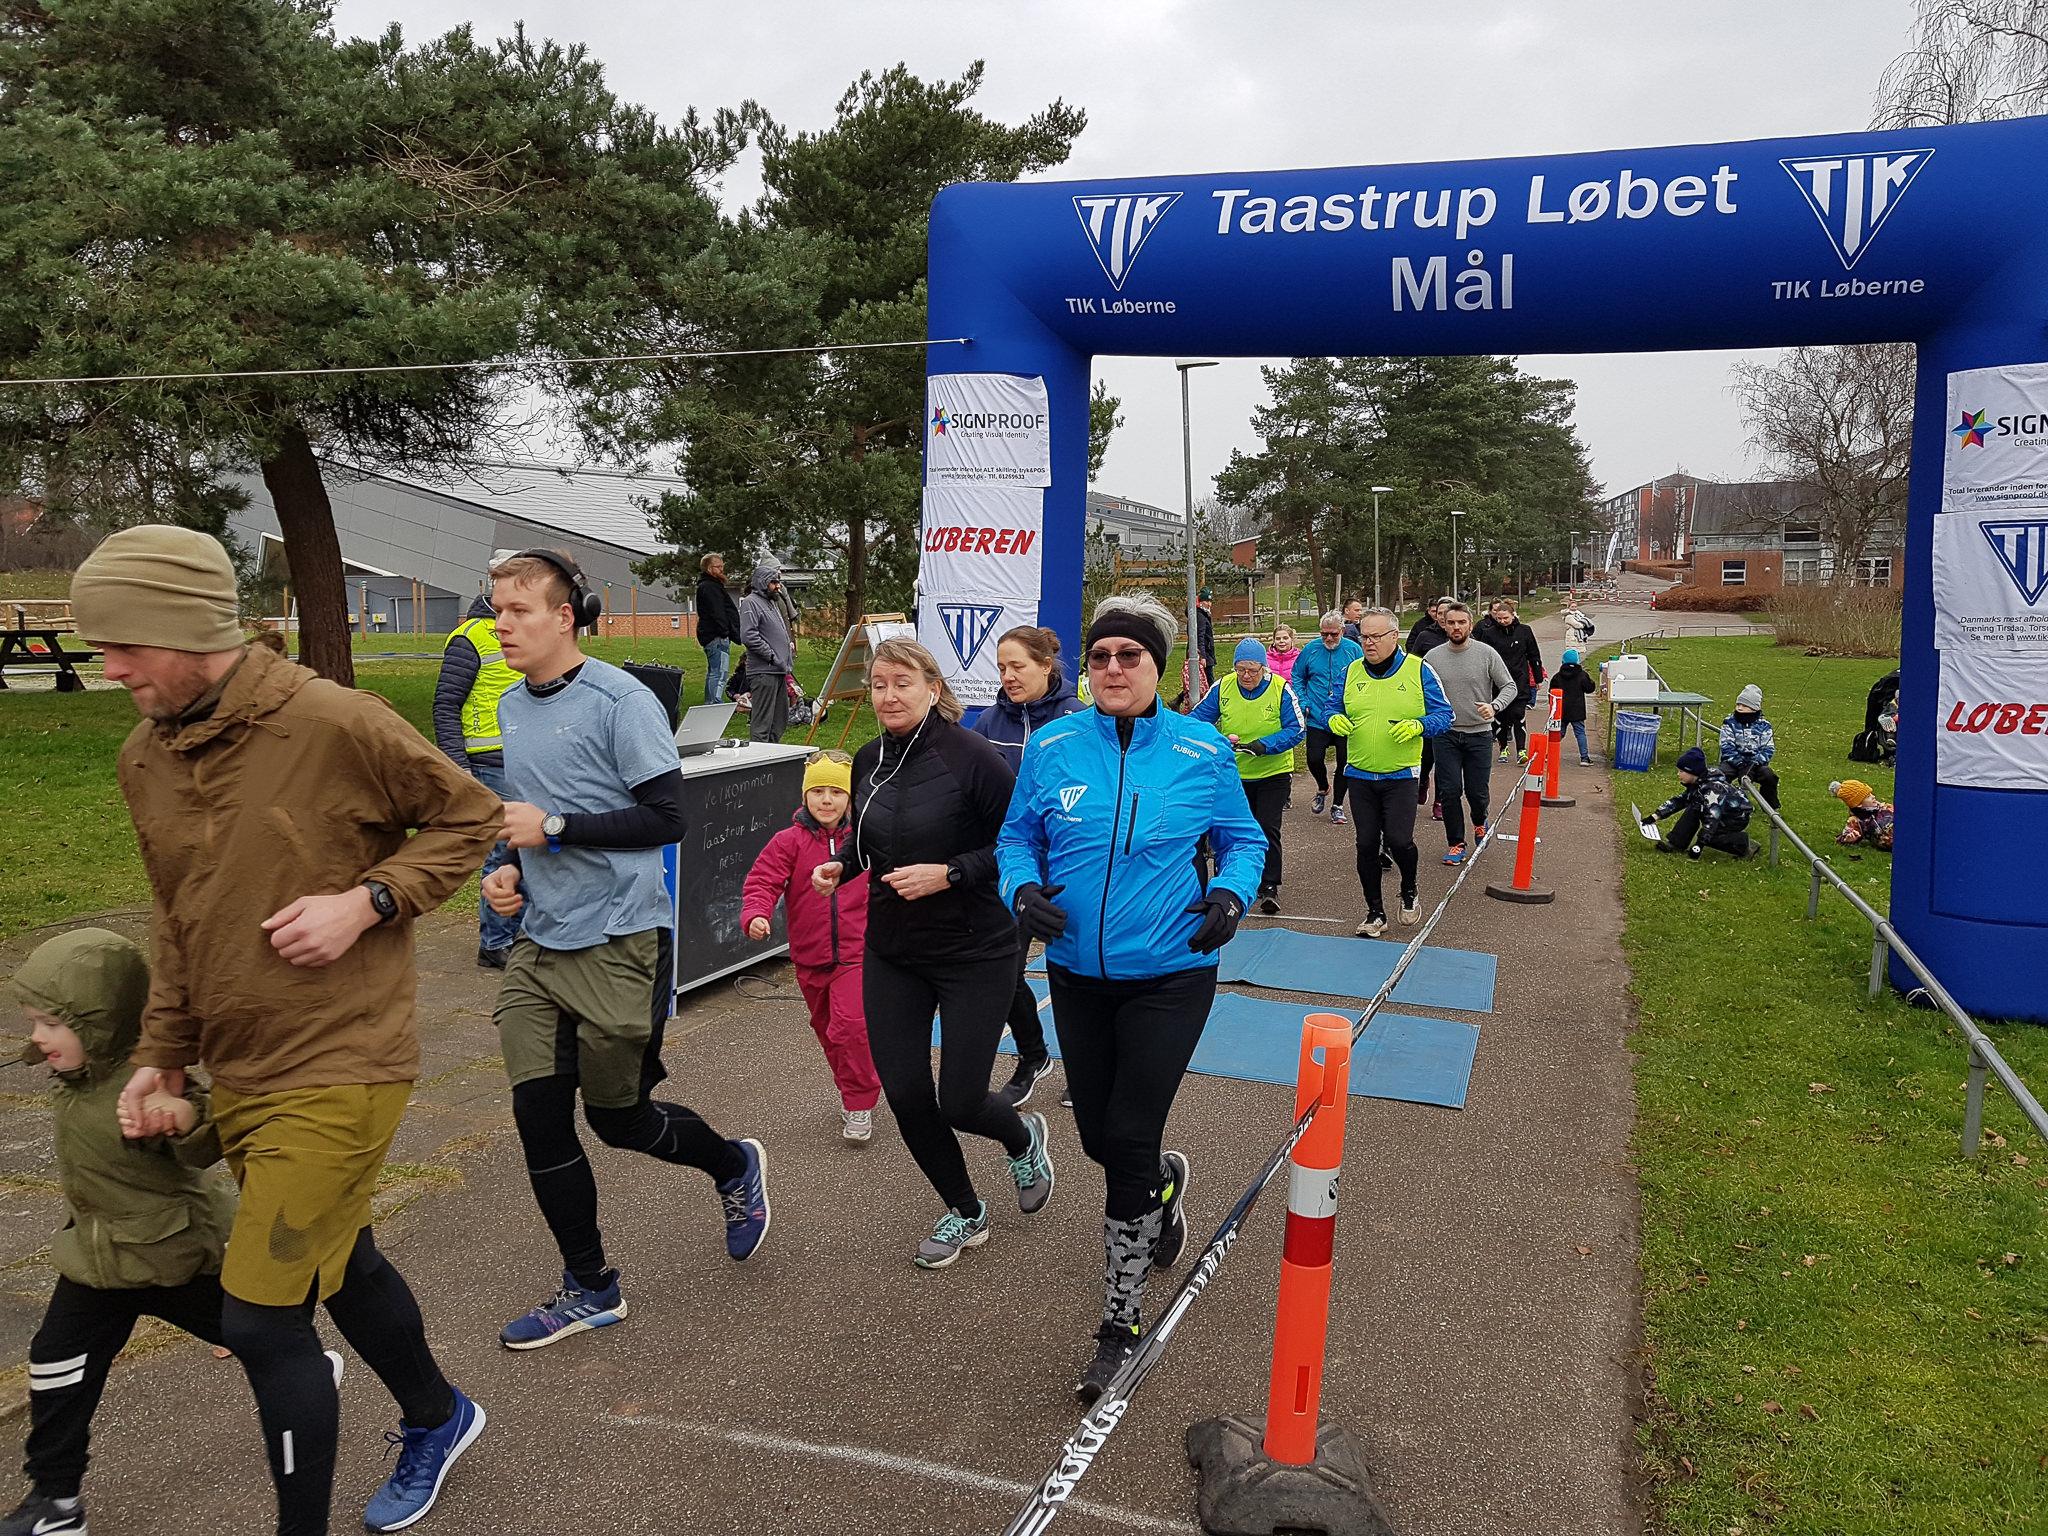 2020-02-09-210-Taastrup-Løbet-2020-02